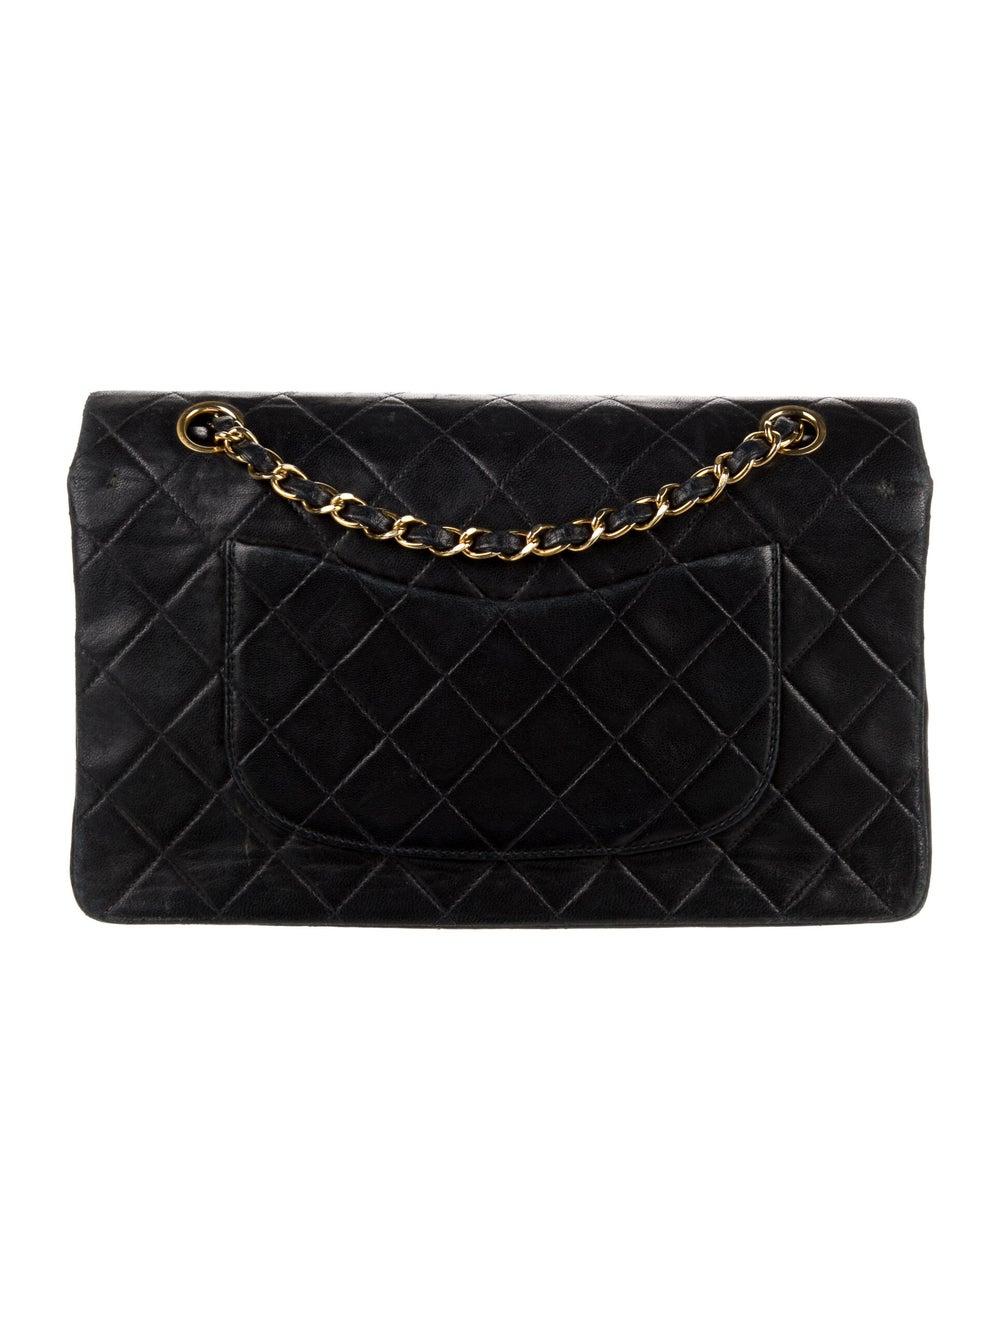 Chanel Vintage Classic Medium Double Flap Bag Blue - image 4